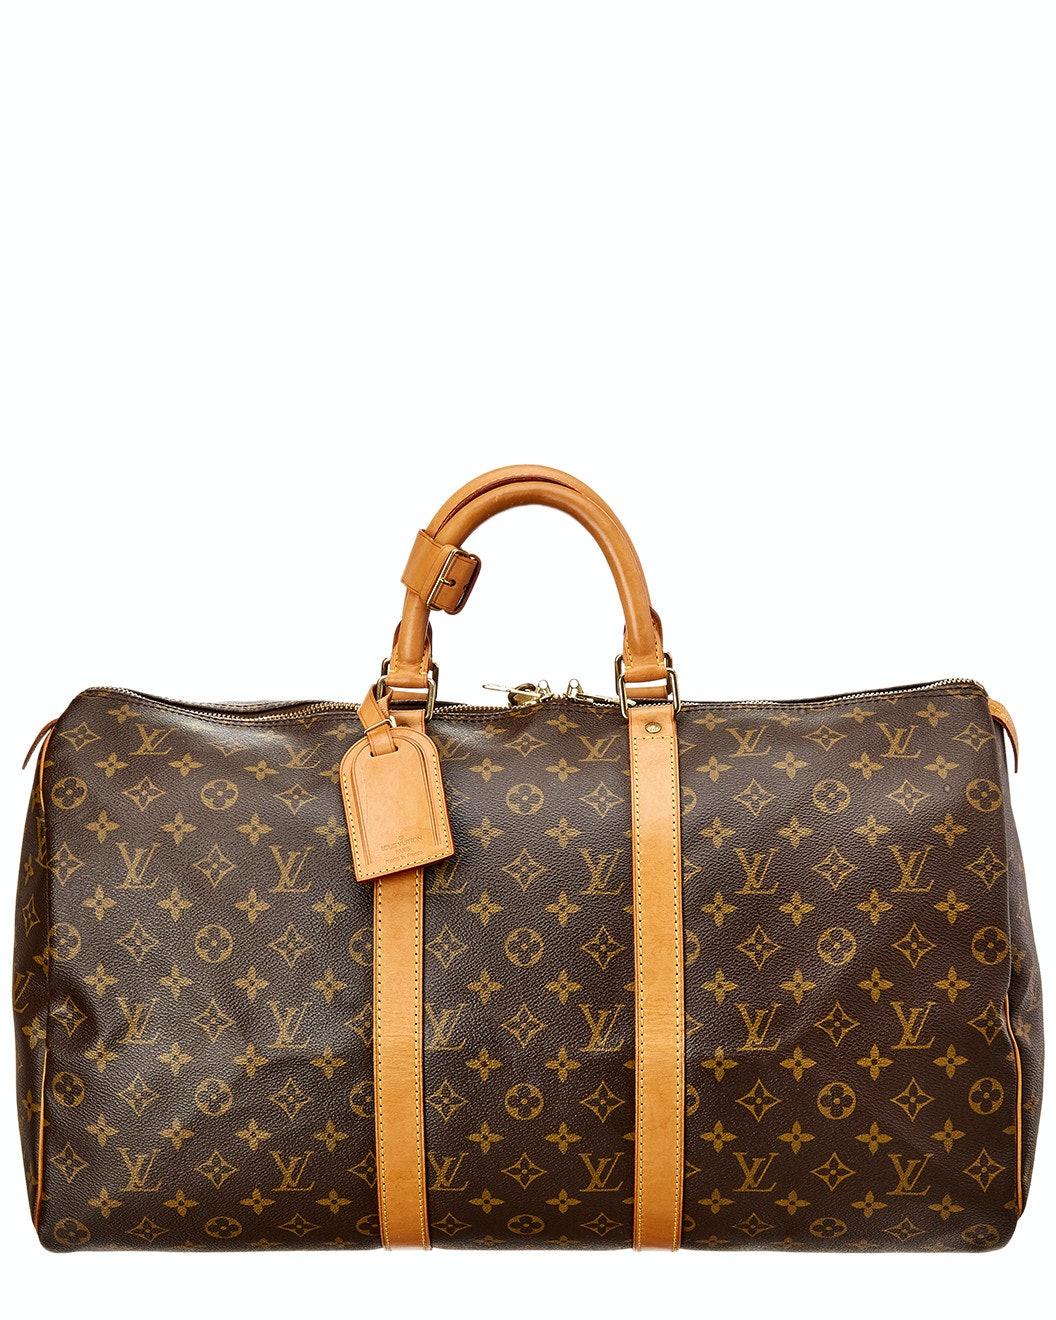 f5fcfa3c6627 Gilt s Louis Vuitton Sale Includes Vintage Bags